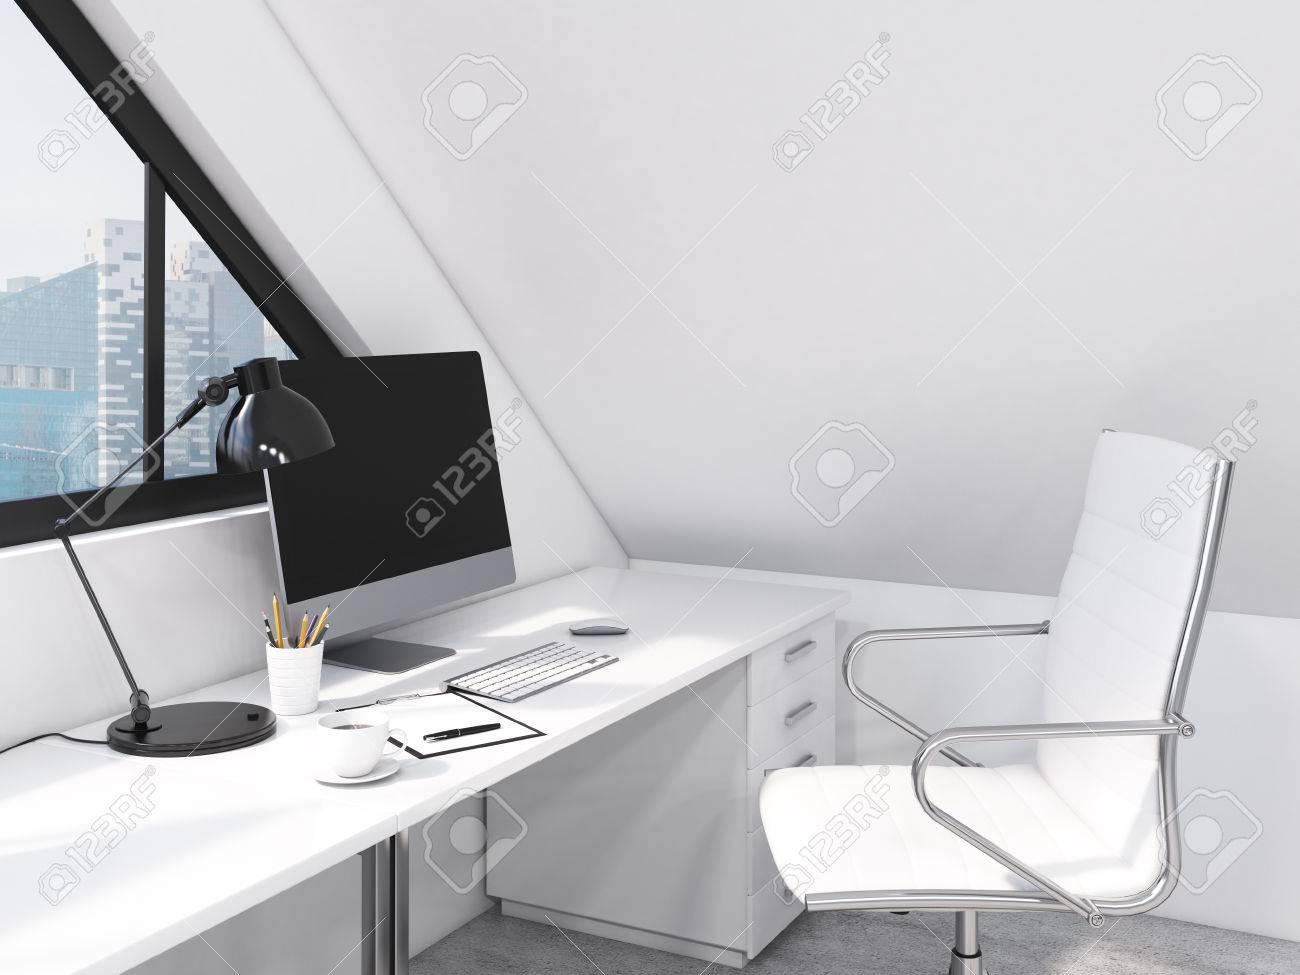 En milieu de travail dans le bureau ordinateur clavier souris